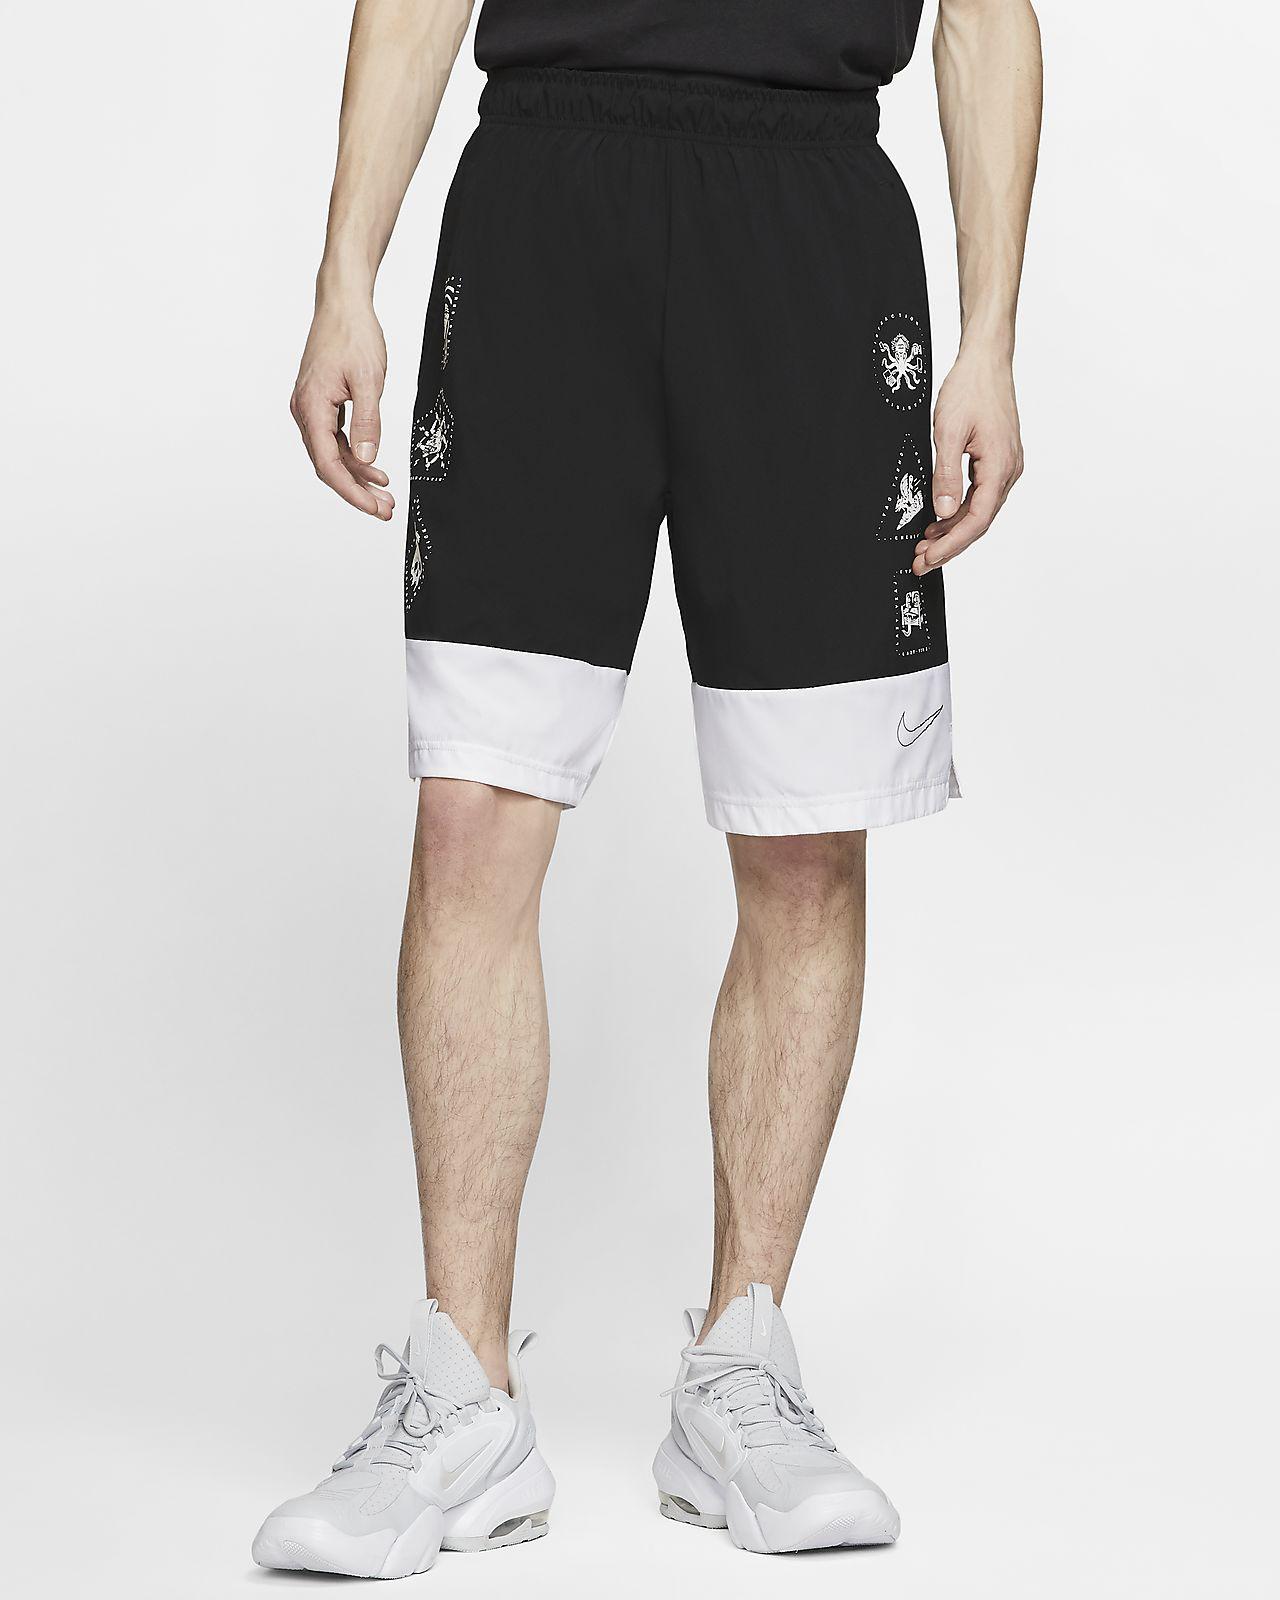 Ανδρικό σορτς προπόνησης Nike Flex